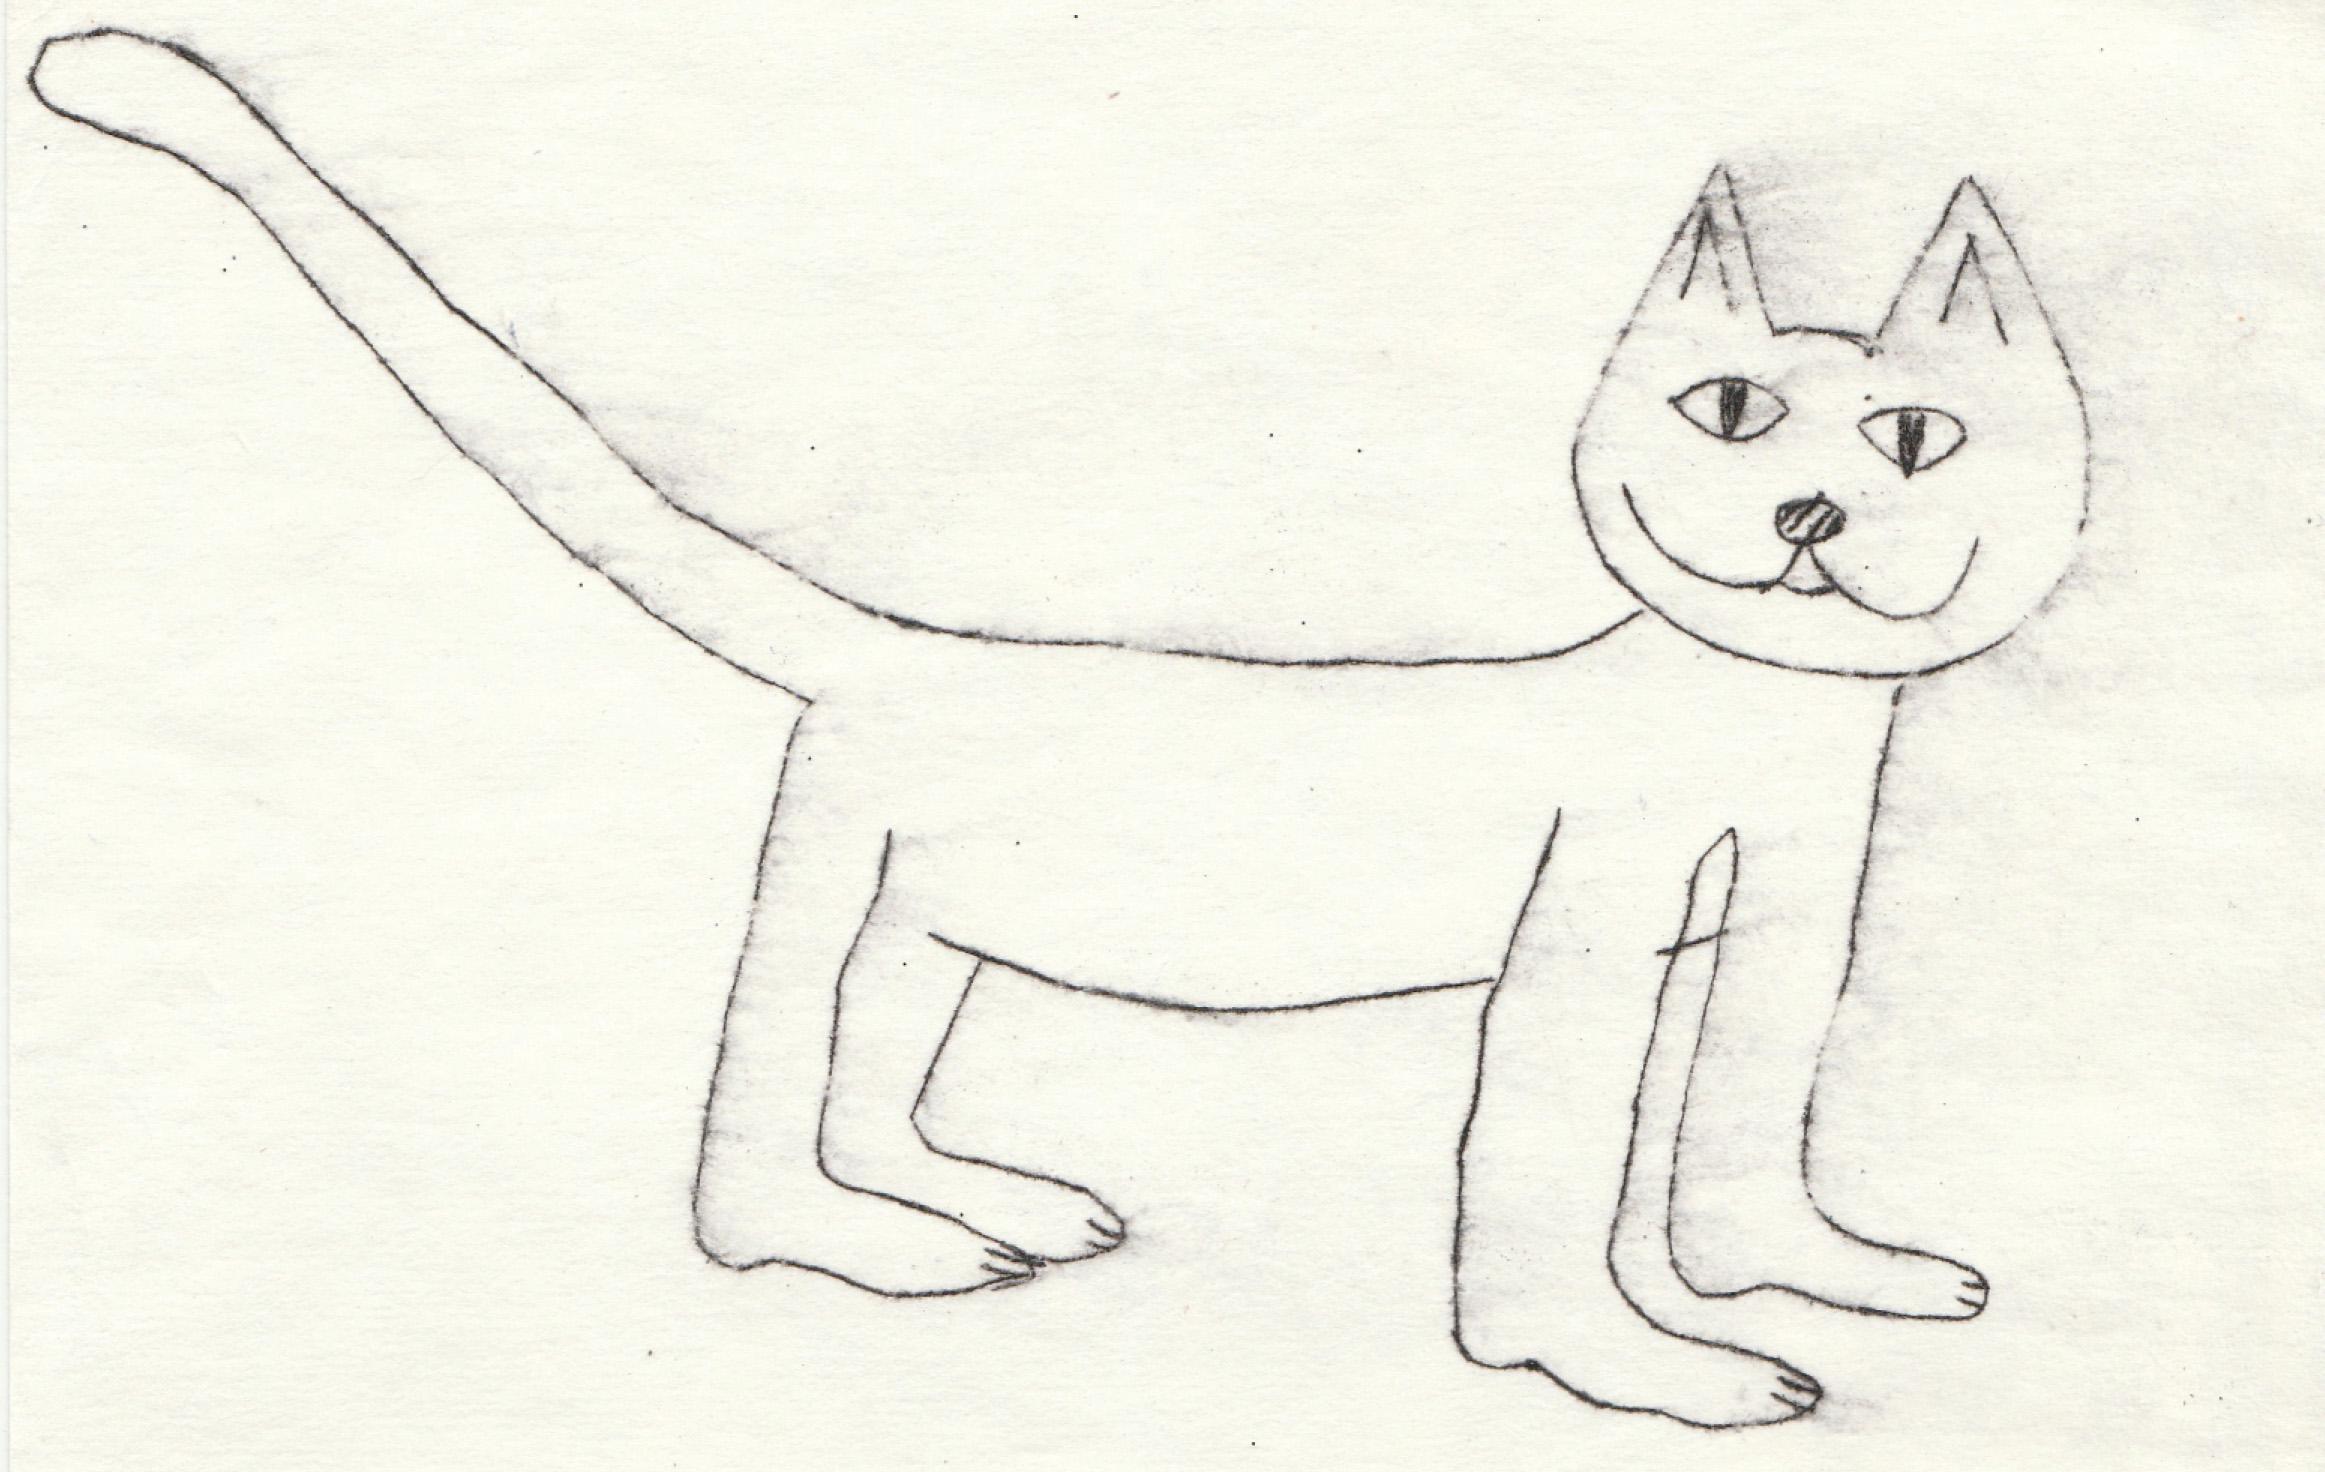 Ar melnu līniju zīmēts kaķis. Zīmējums ir lineārs, melnbalts.